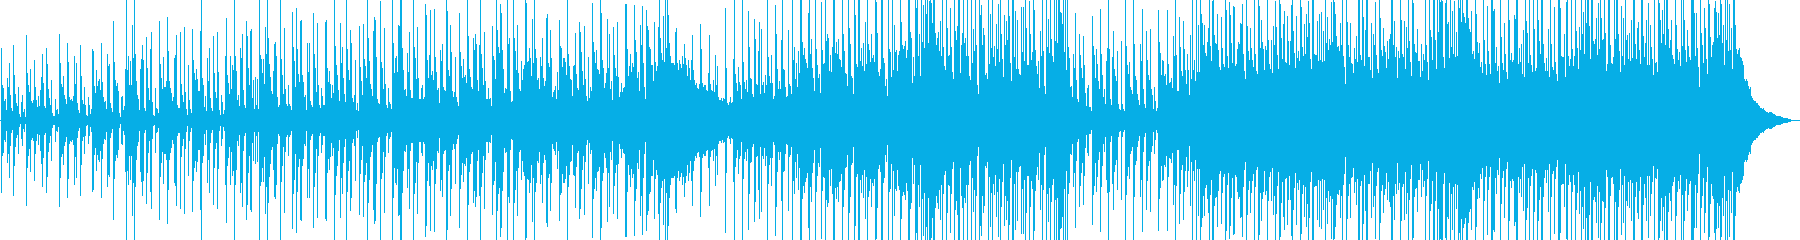 カジュアルで軽快なアコースティックの再生済みの波形